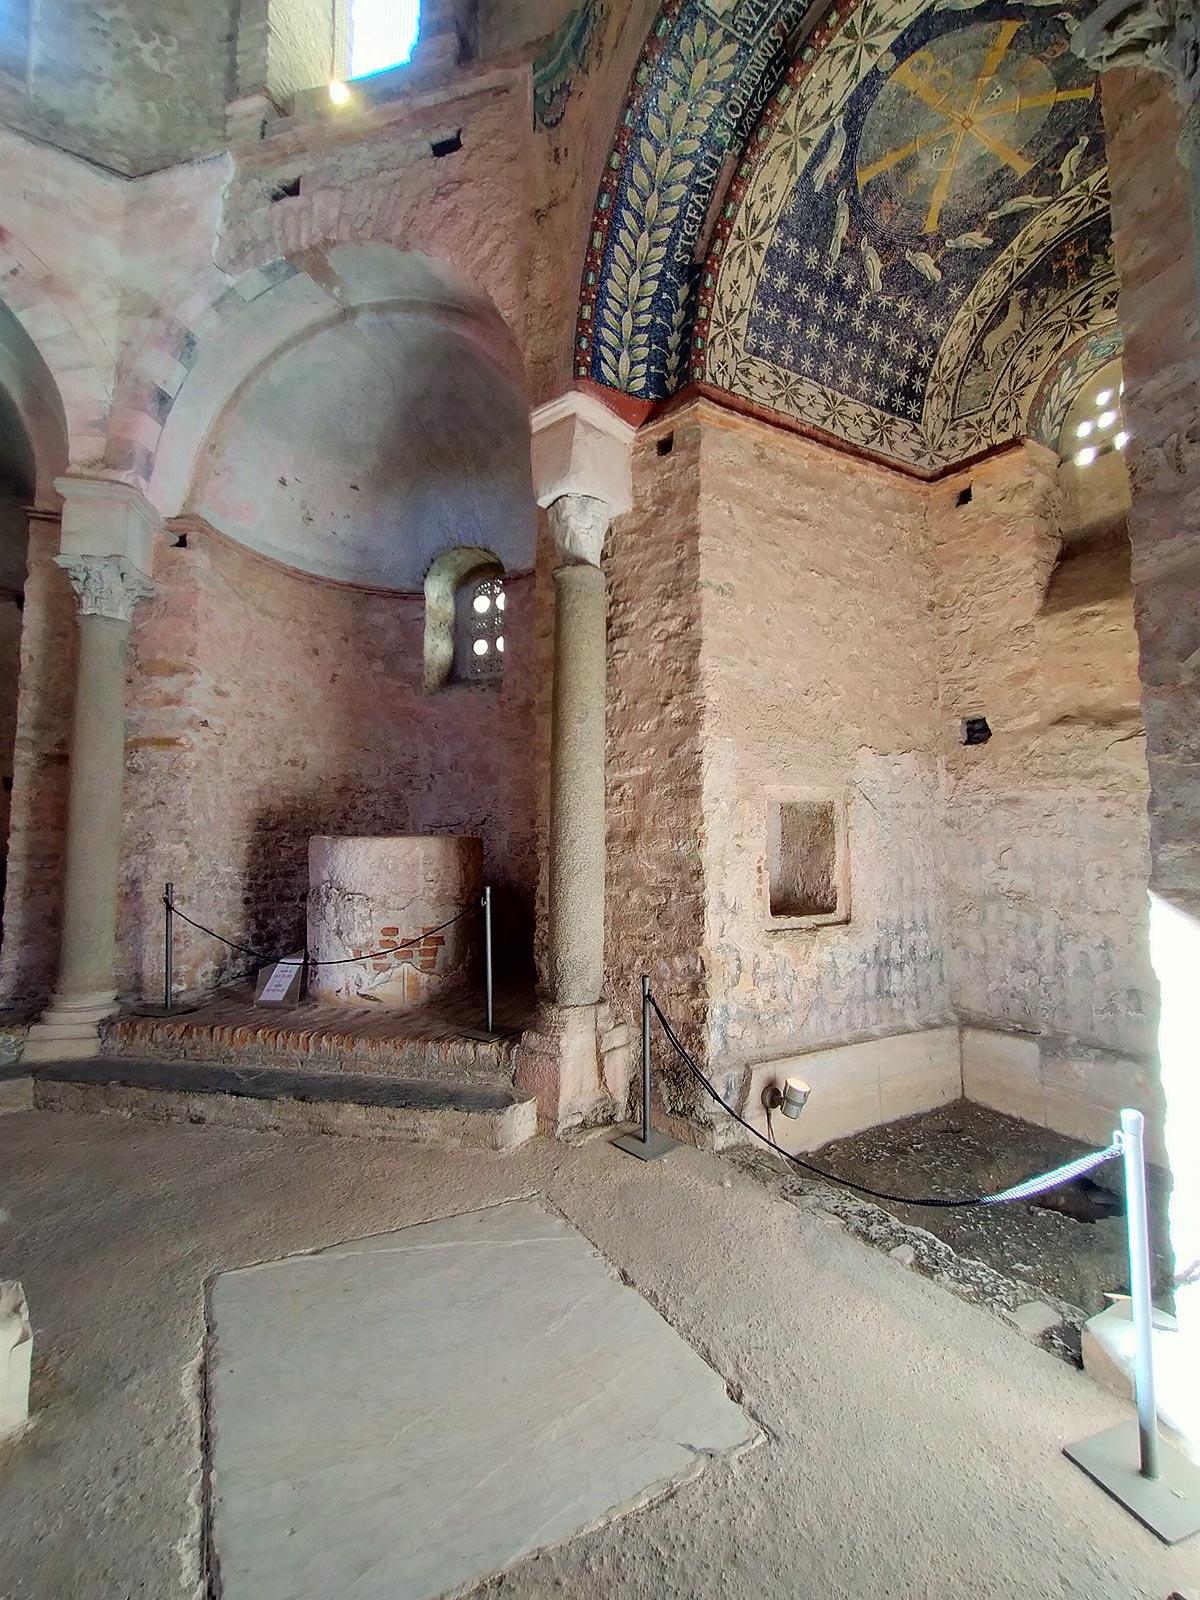 La nicchia con la decorazione musiva e quella con il fonte battesimale cilindrico e in muratura